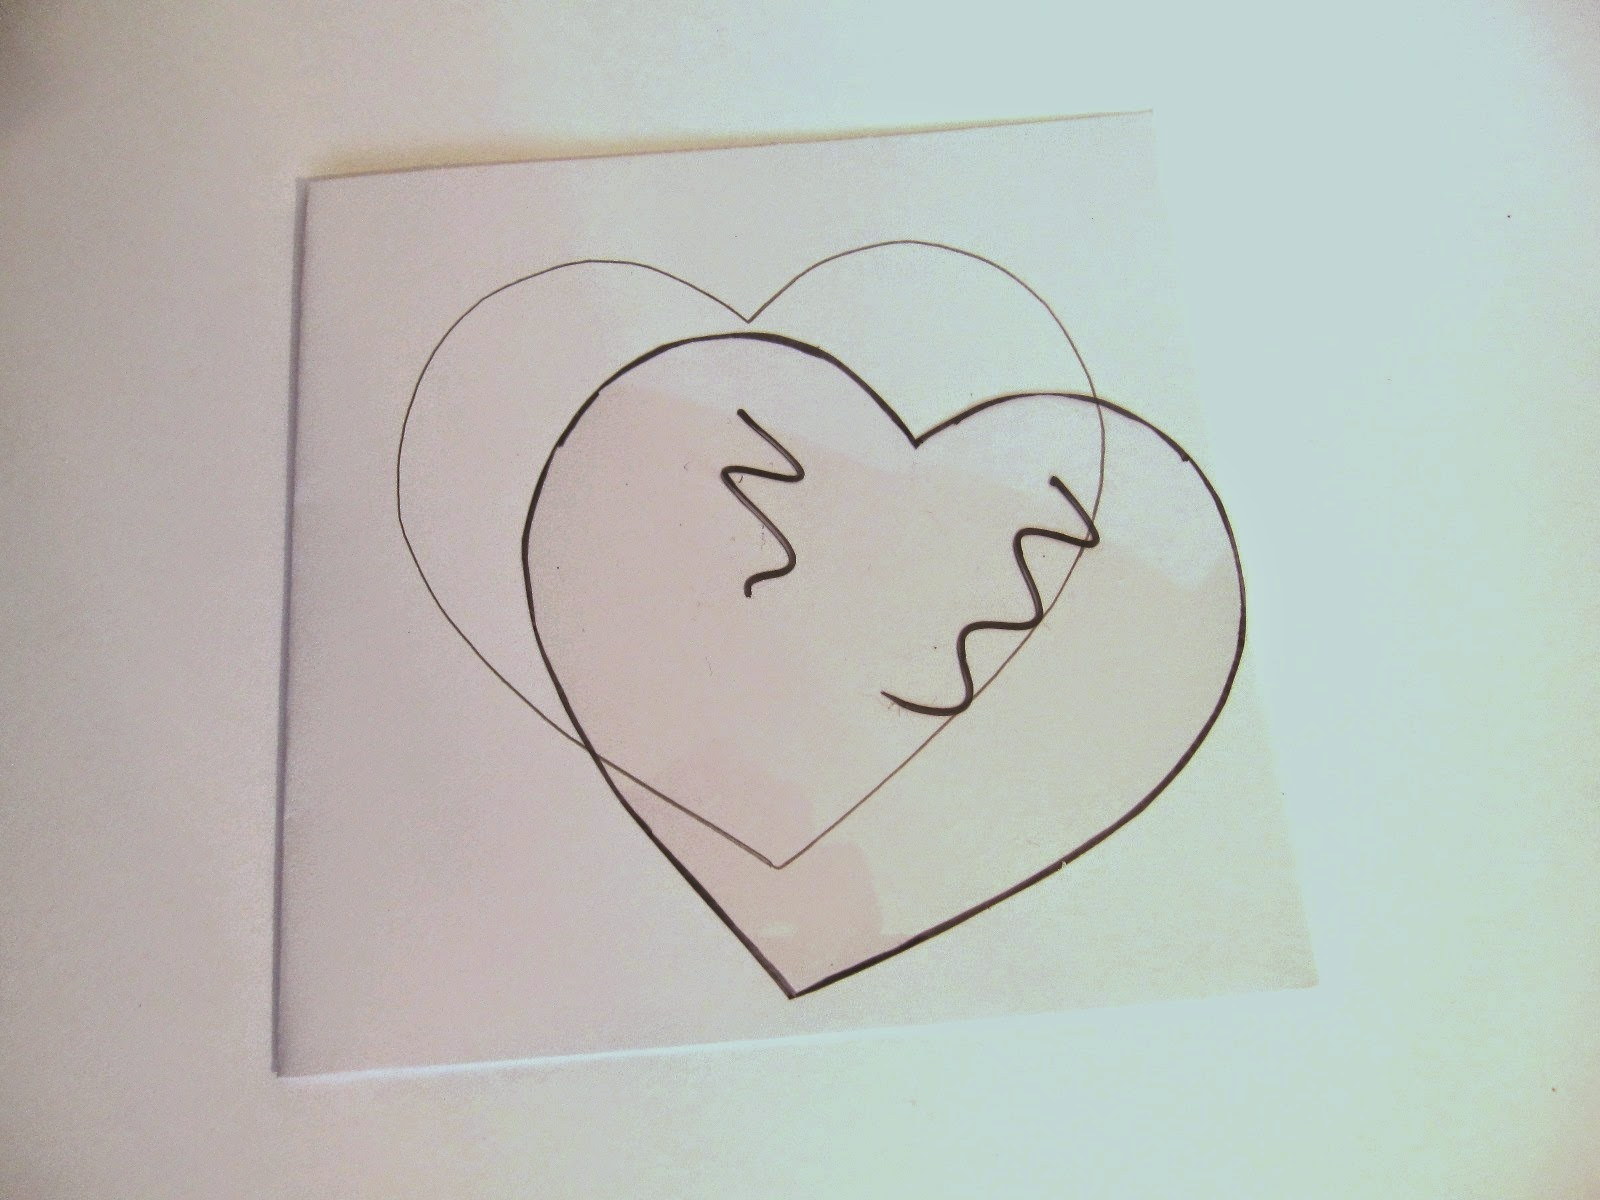 tarjeta de felicitación blanca con corazón y plantilla acetato de un corazón